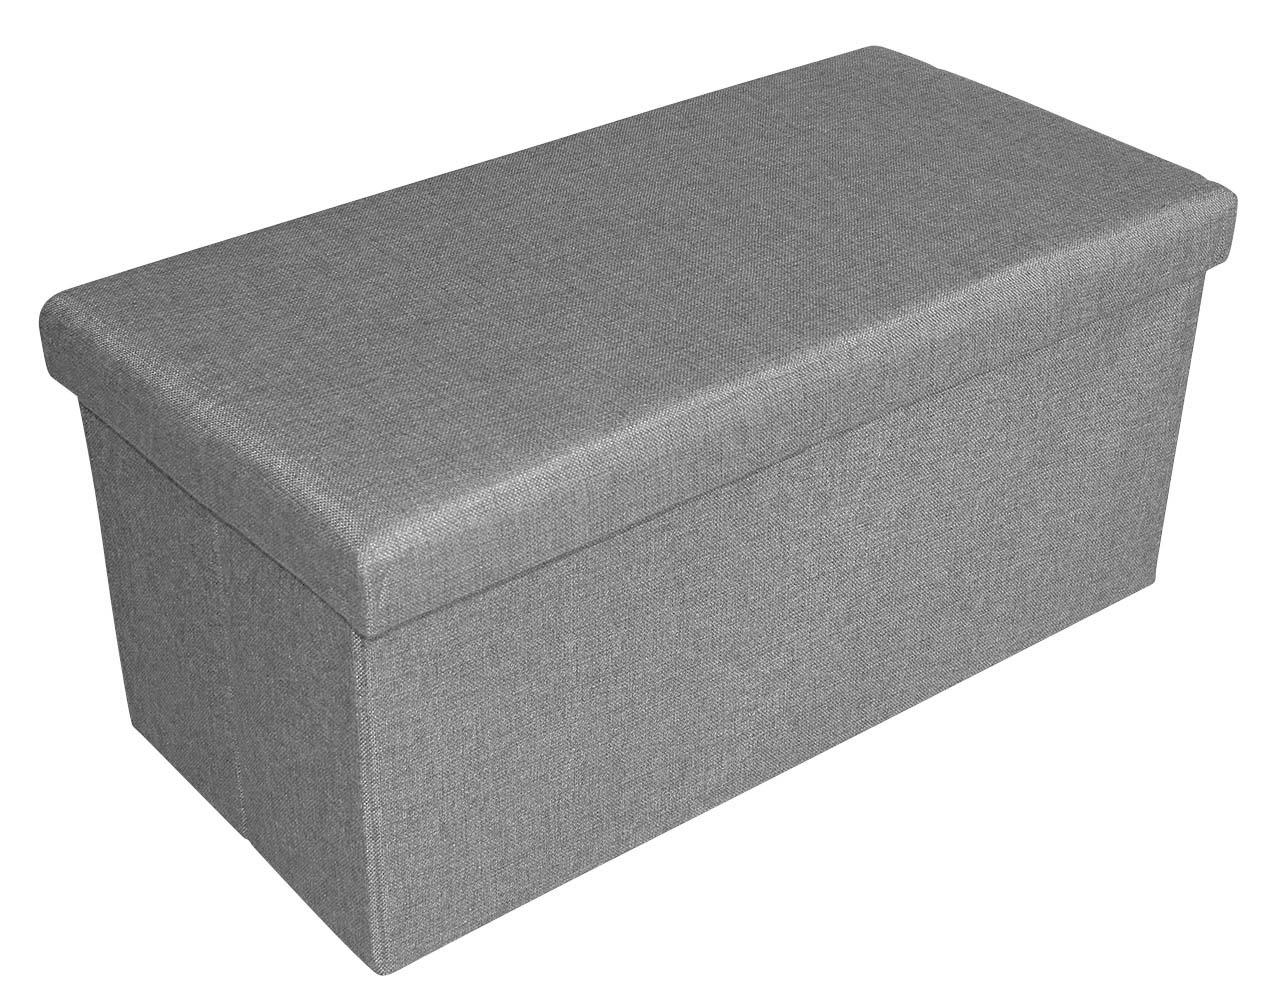 viva aufbewahrungsbox zum sitzen 76x38x38cm stauraumbank sitzbank bank hocker ebay. Black Bedroom Furniture Sets. Home Design Ideas